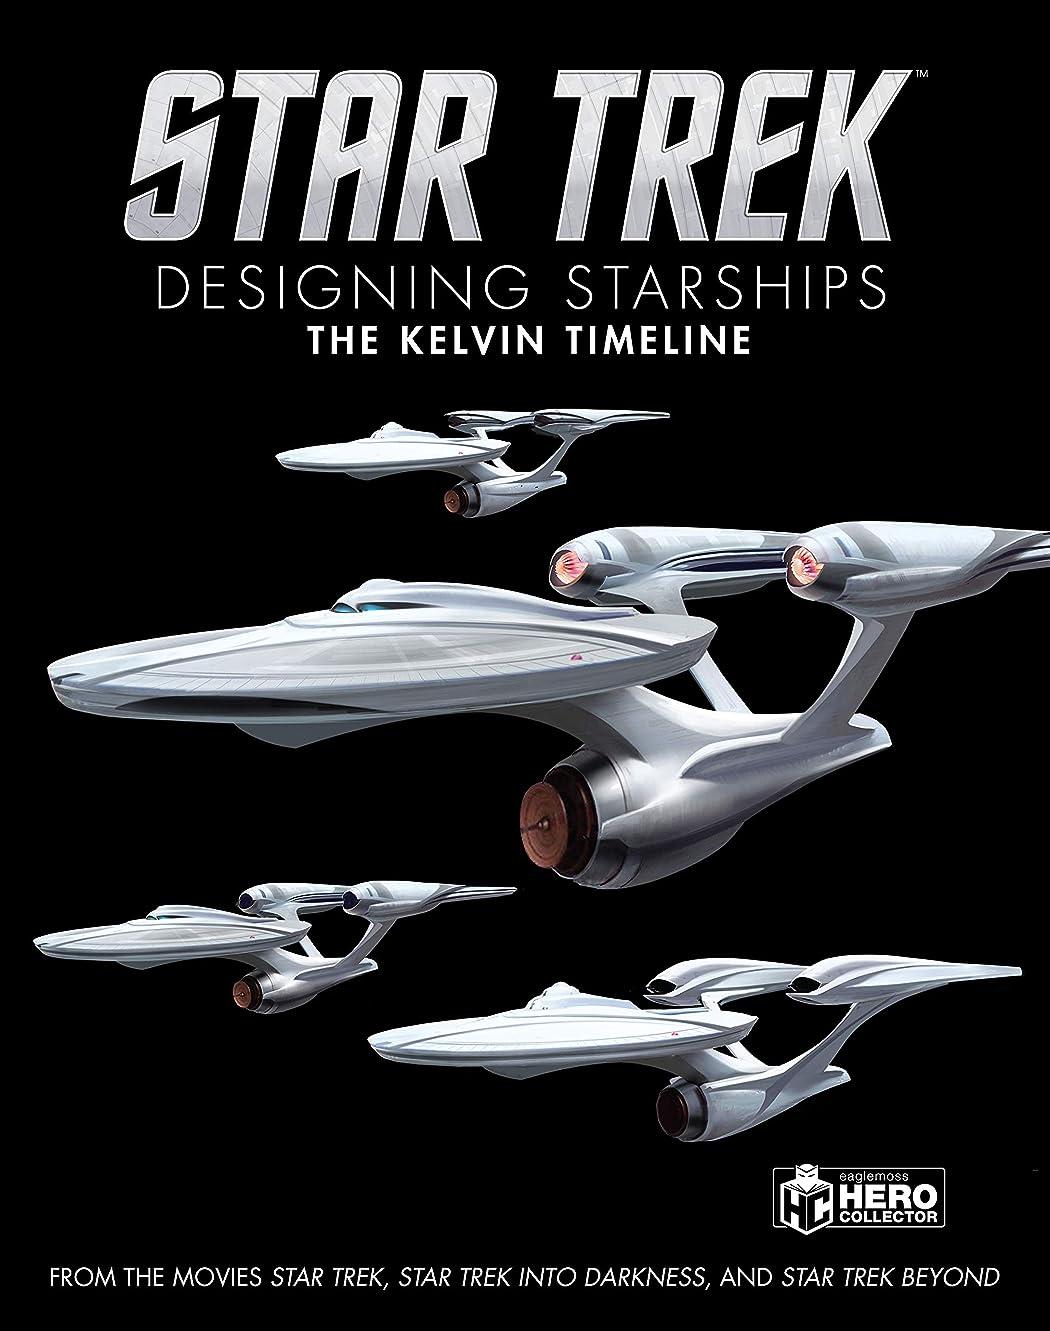 タクト奇妙な露Star Trek: Designing Starships Volume 3: The Kelvin Timeline (Star Trek Designing Starships)